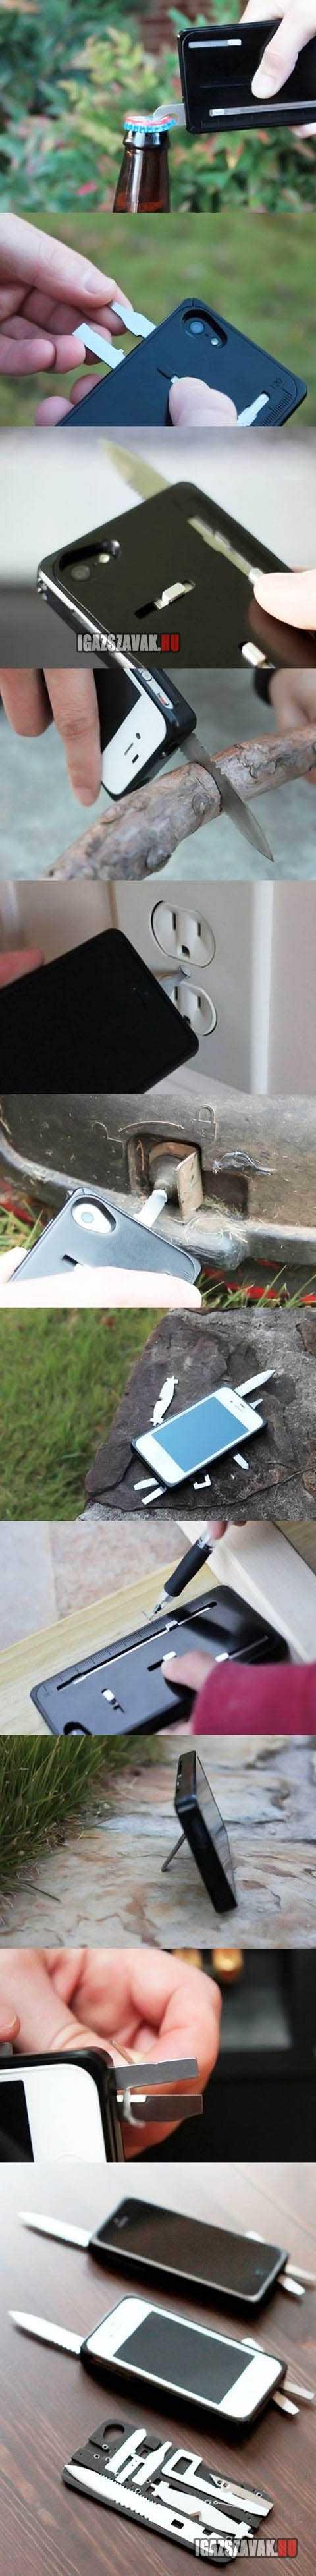 végre egy igazán hasznos iPhone kiegészítő